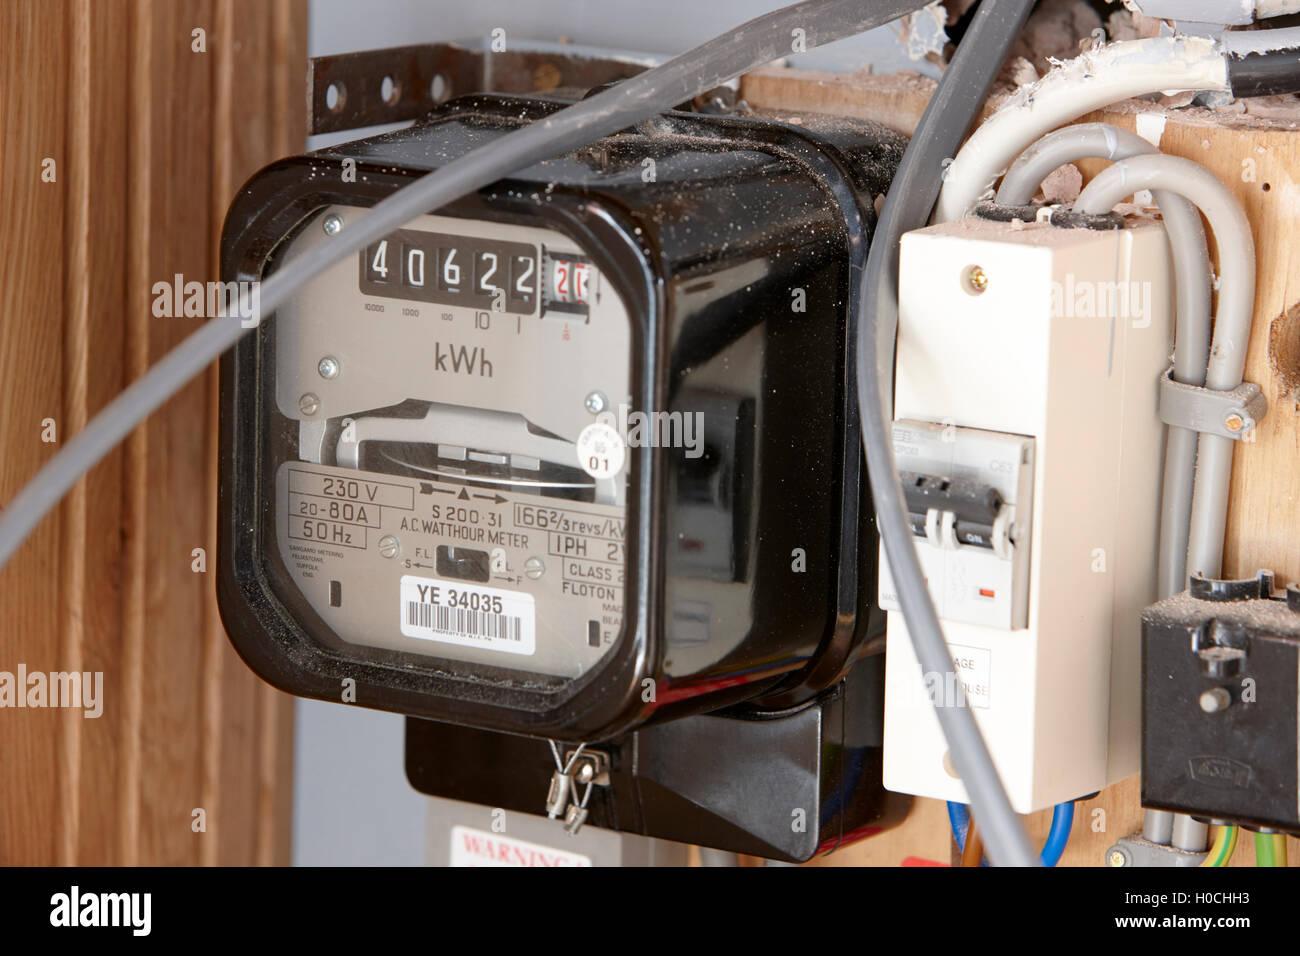 Vecchio stile ruota analogo contatore elettrico Foto Stock